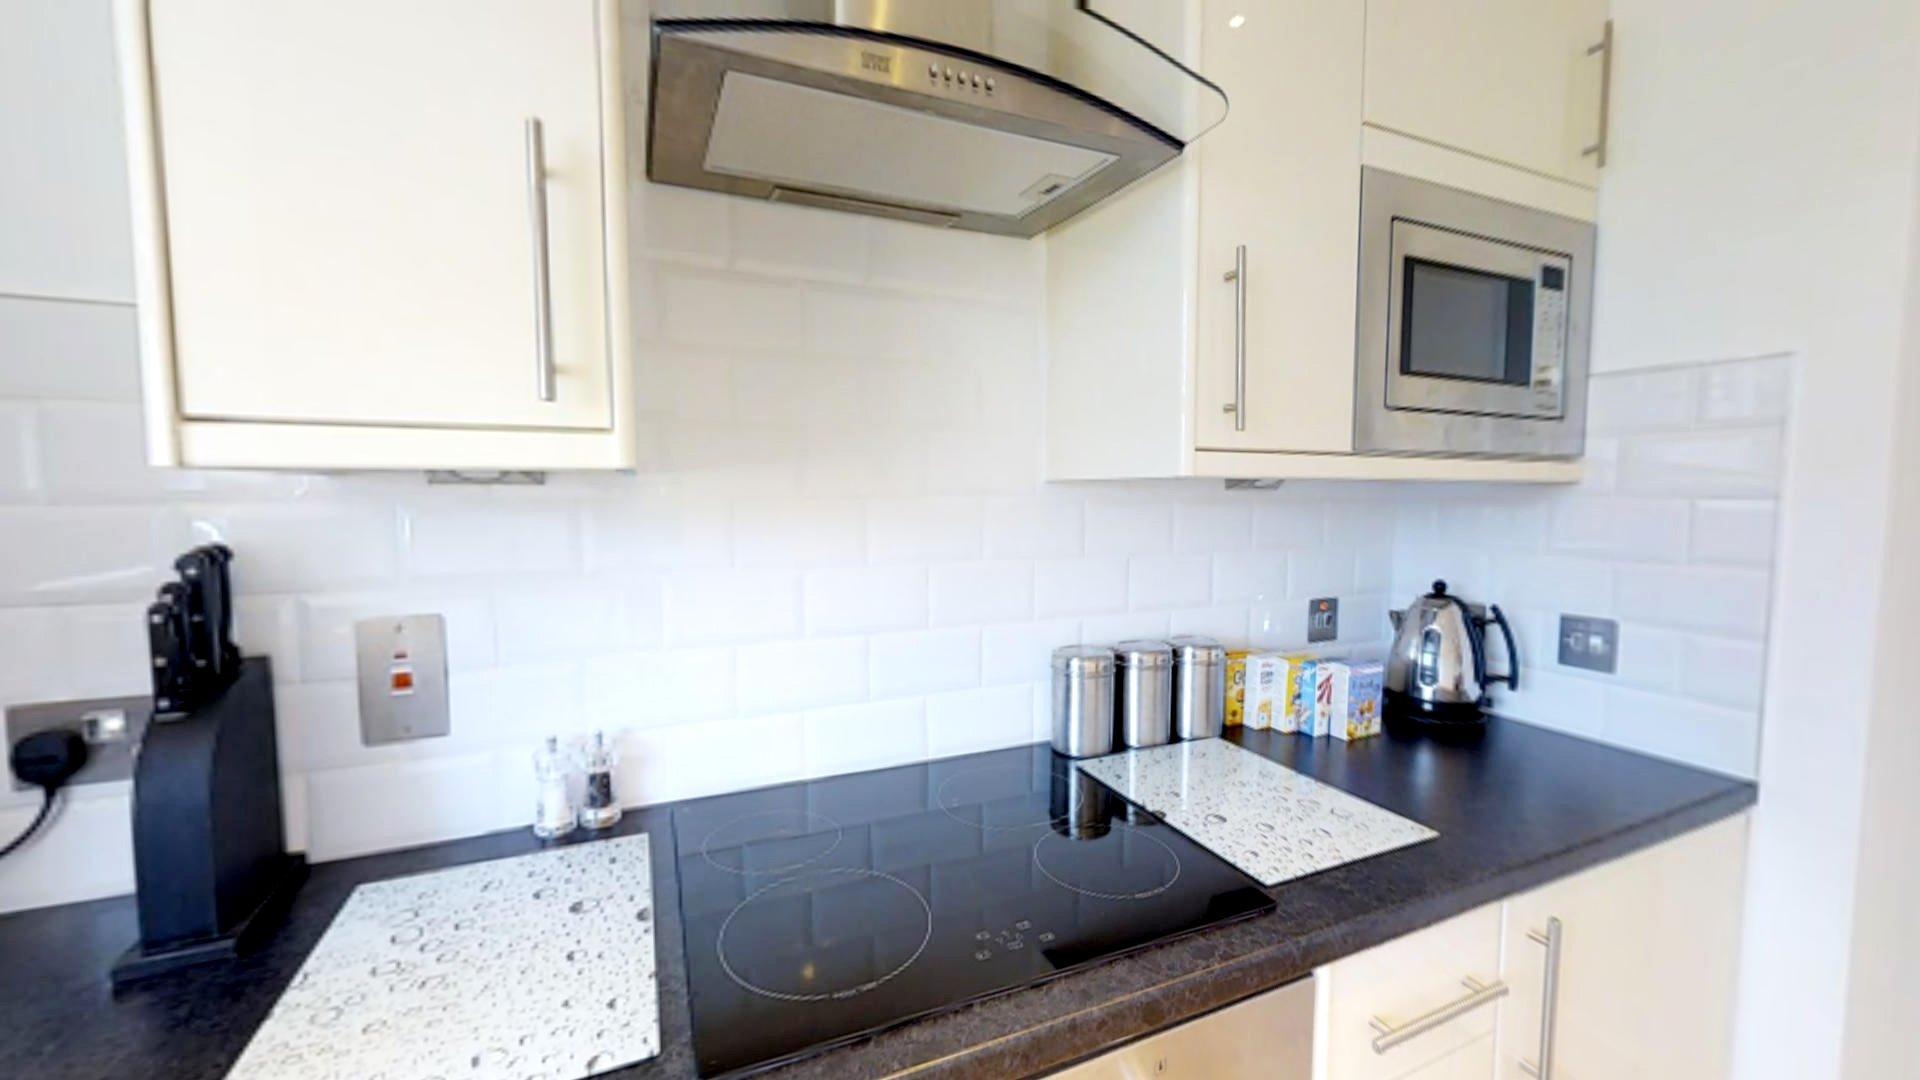 Coronation Street kitchen